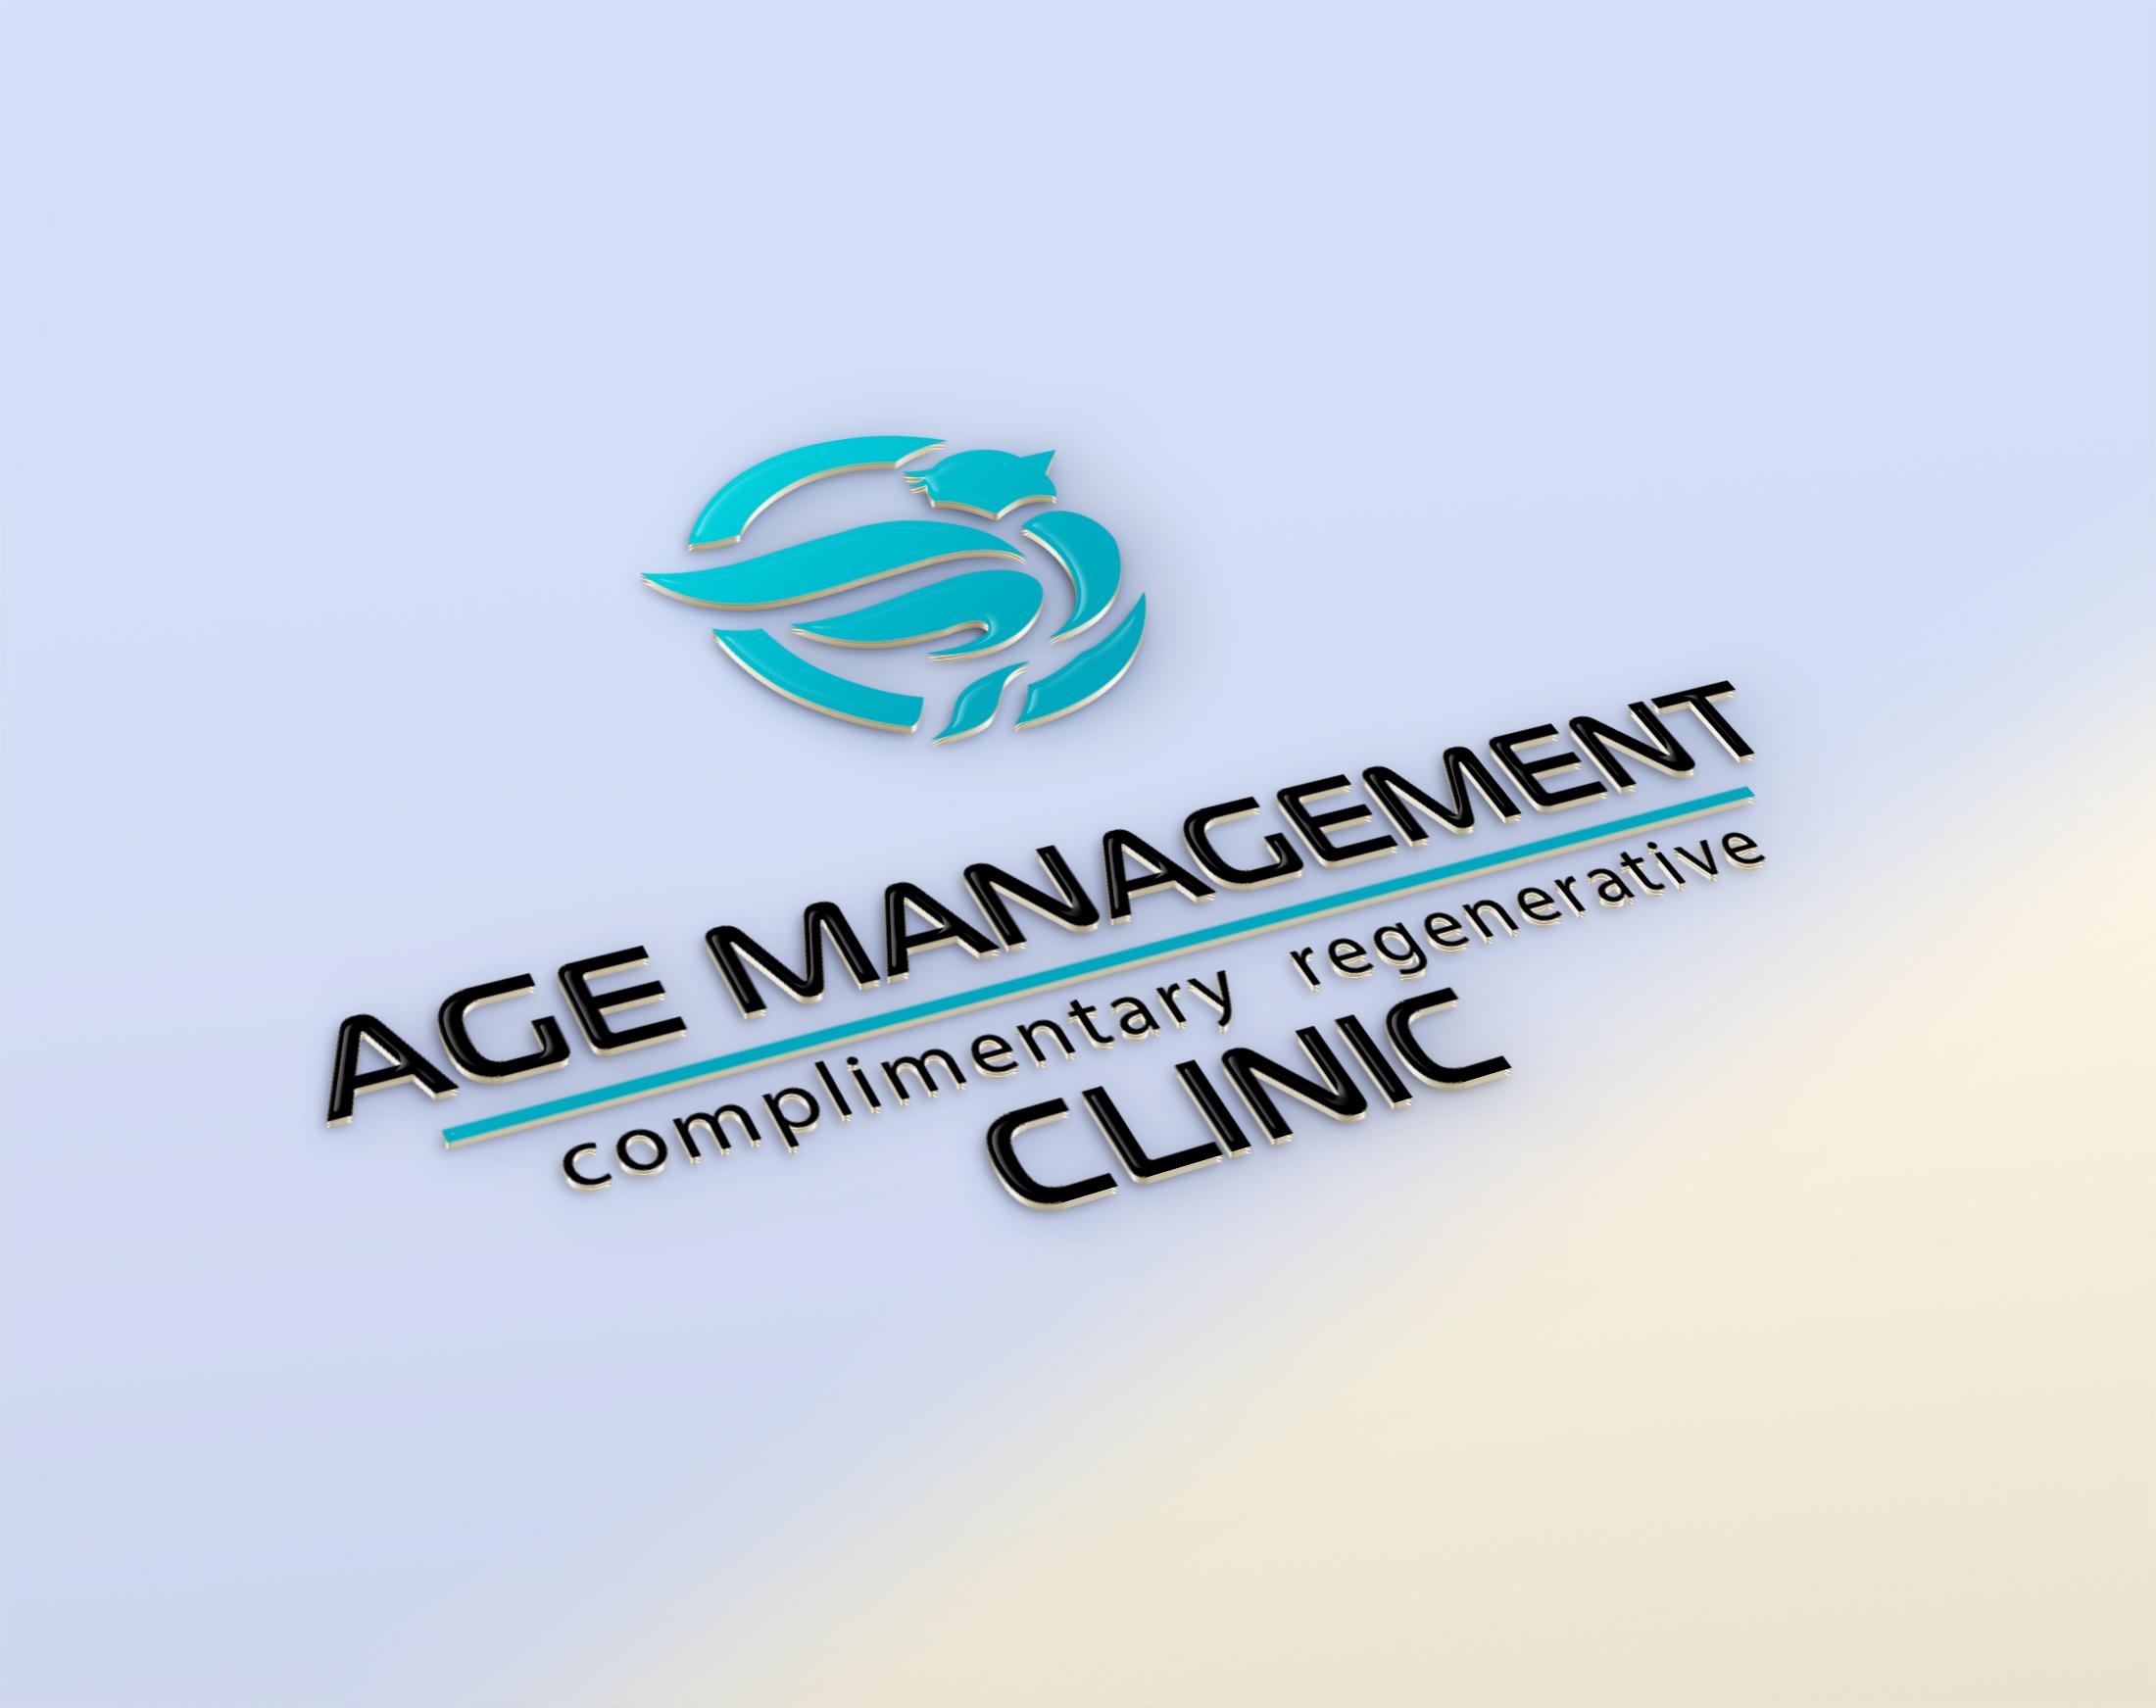 Логотип для медицинского центра (клиники)  фото f_6405ba16269644ce.jpg